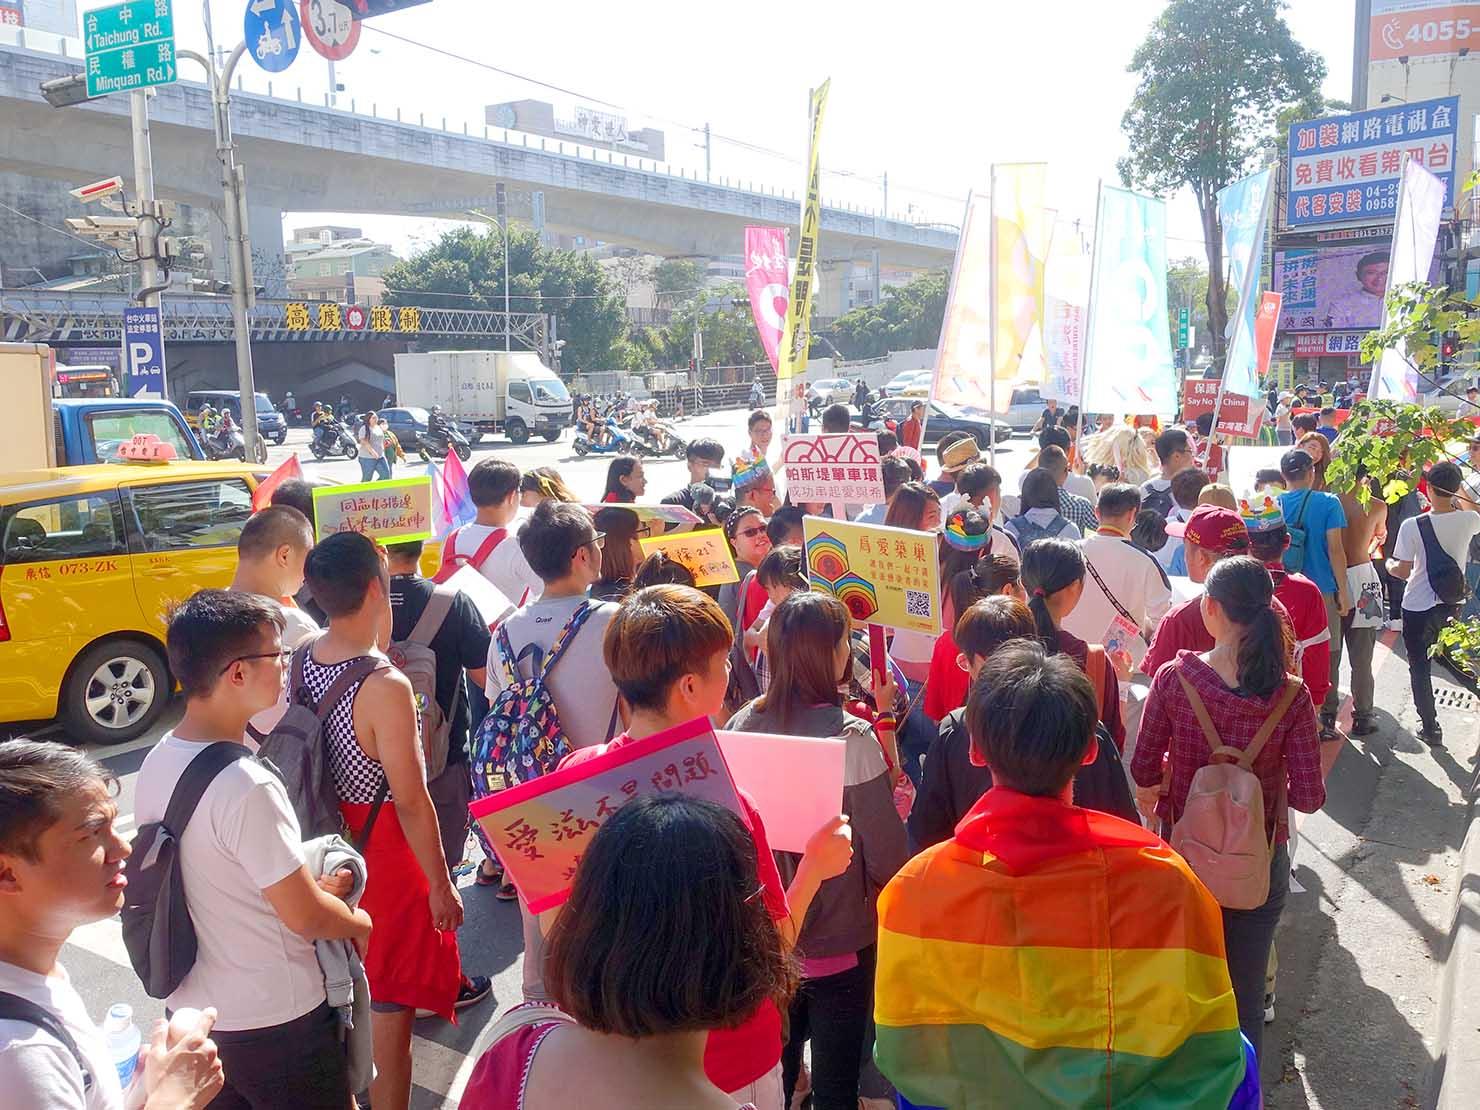 台中同志遊行(台中LGBTプライド)2019の会場をスタートしたパレード隊列